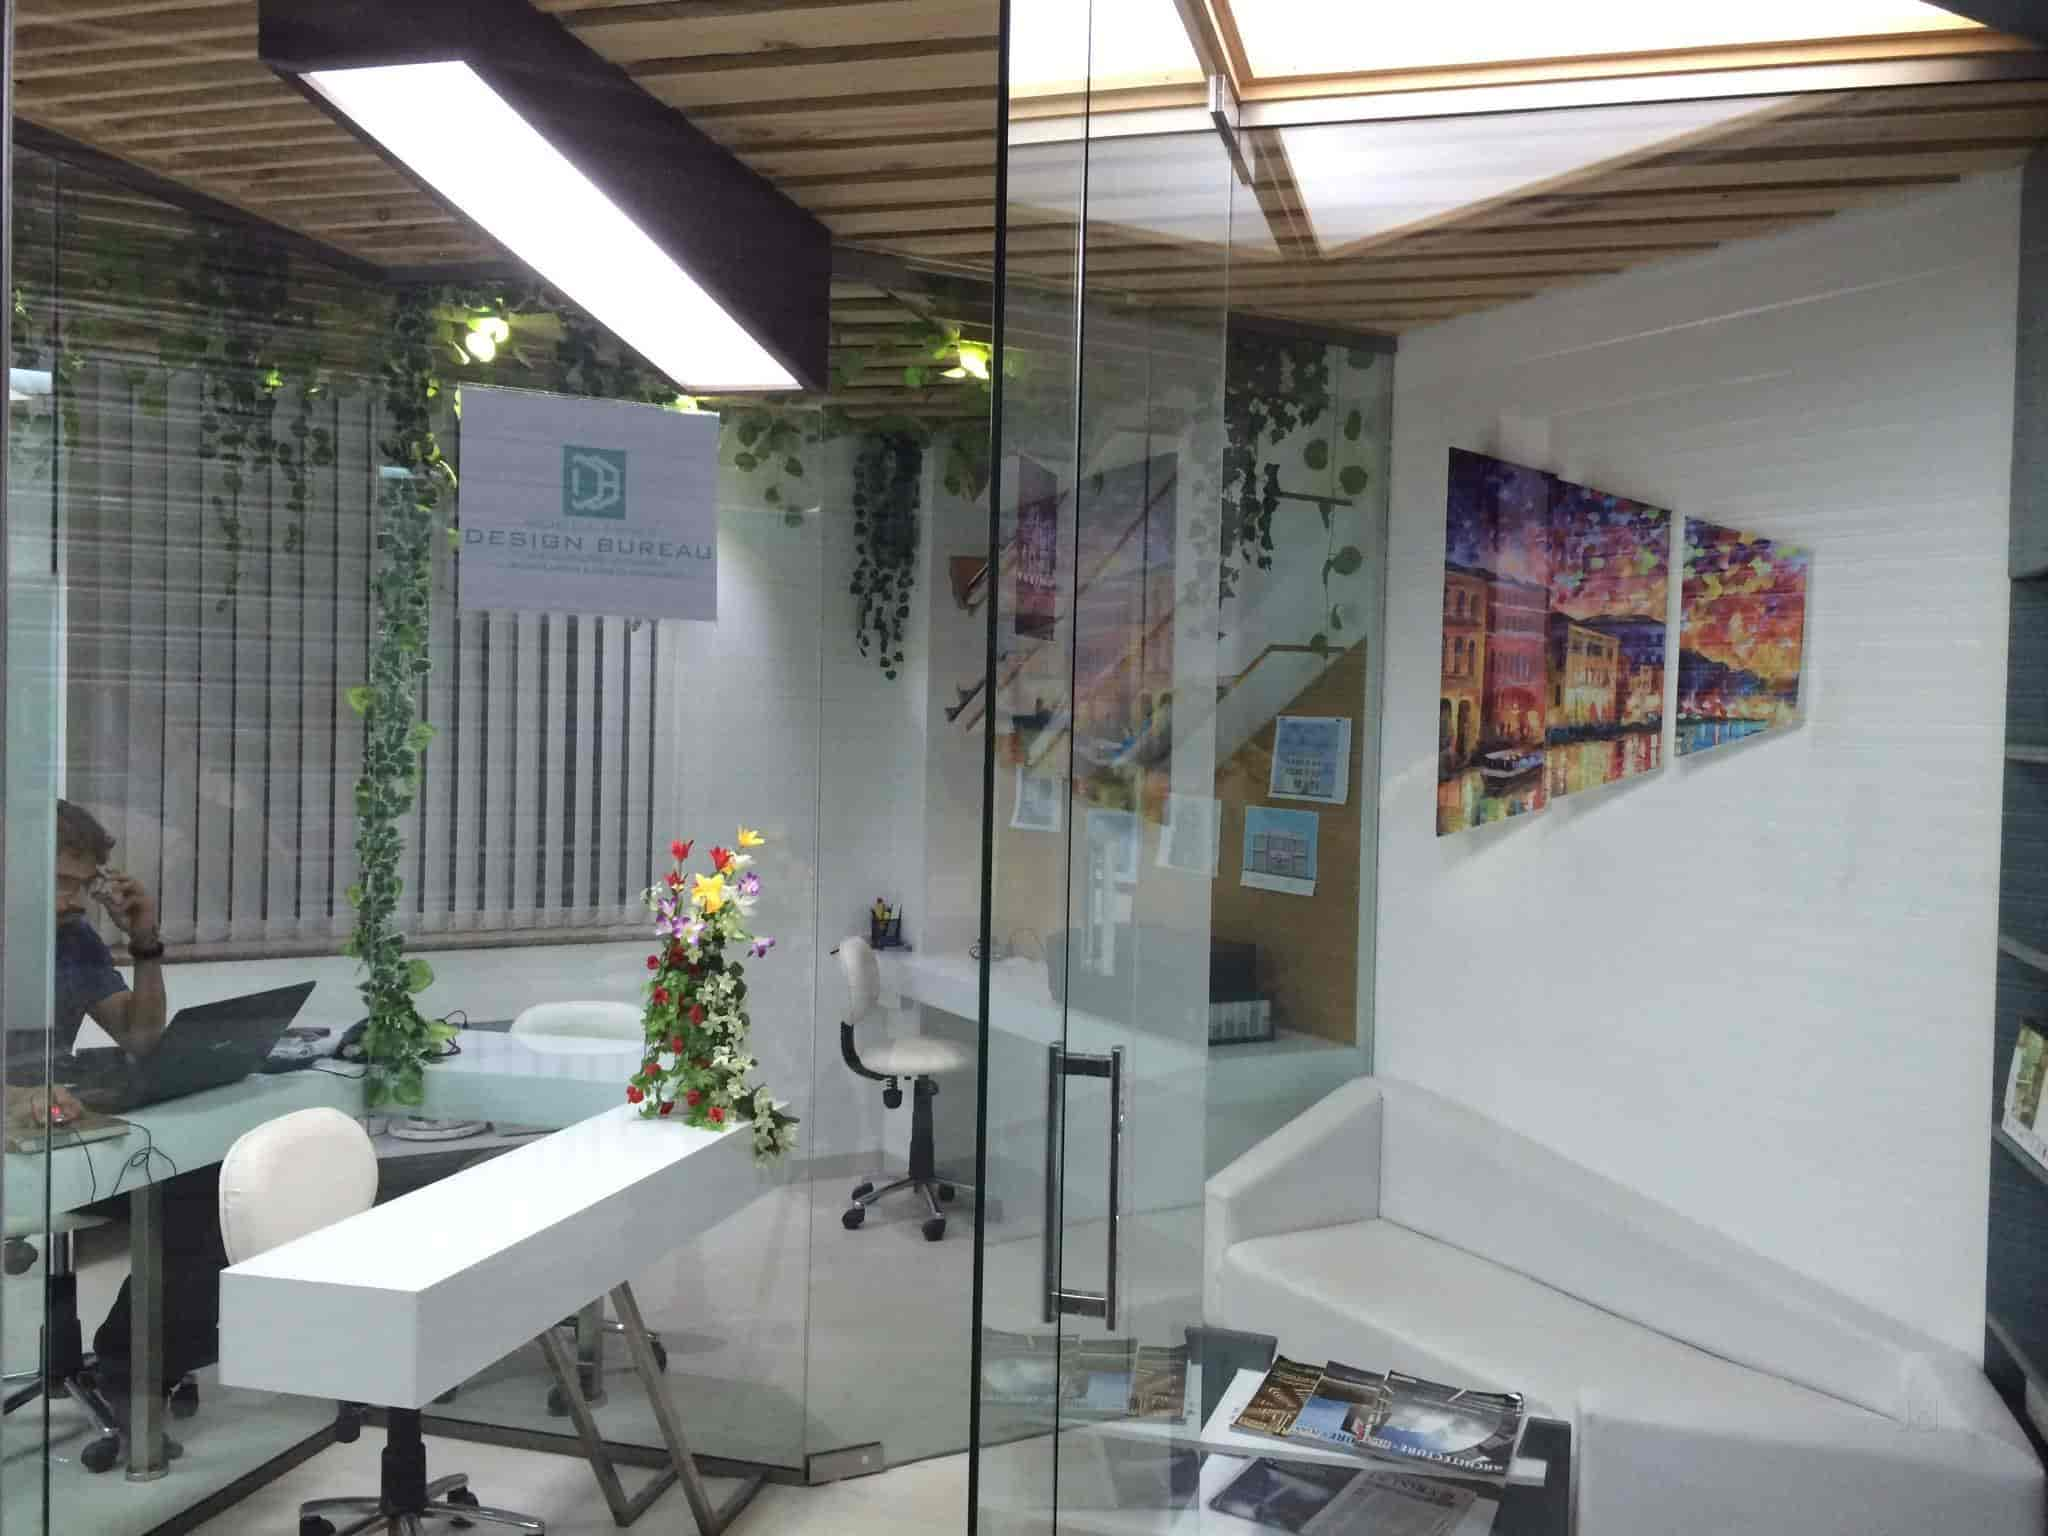 Architect fahims design bureau photos latur pictures & images